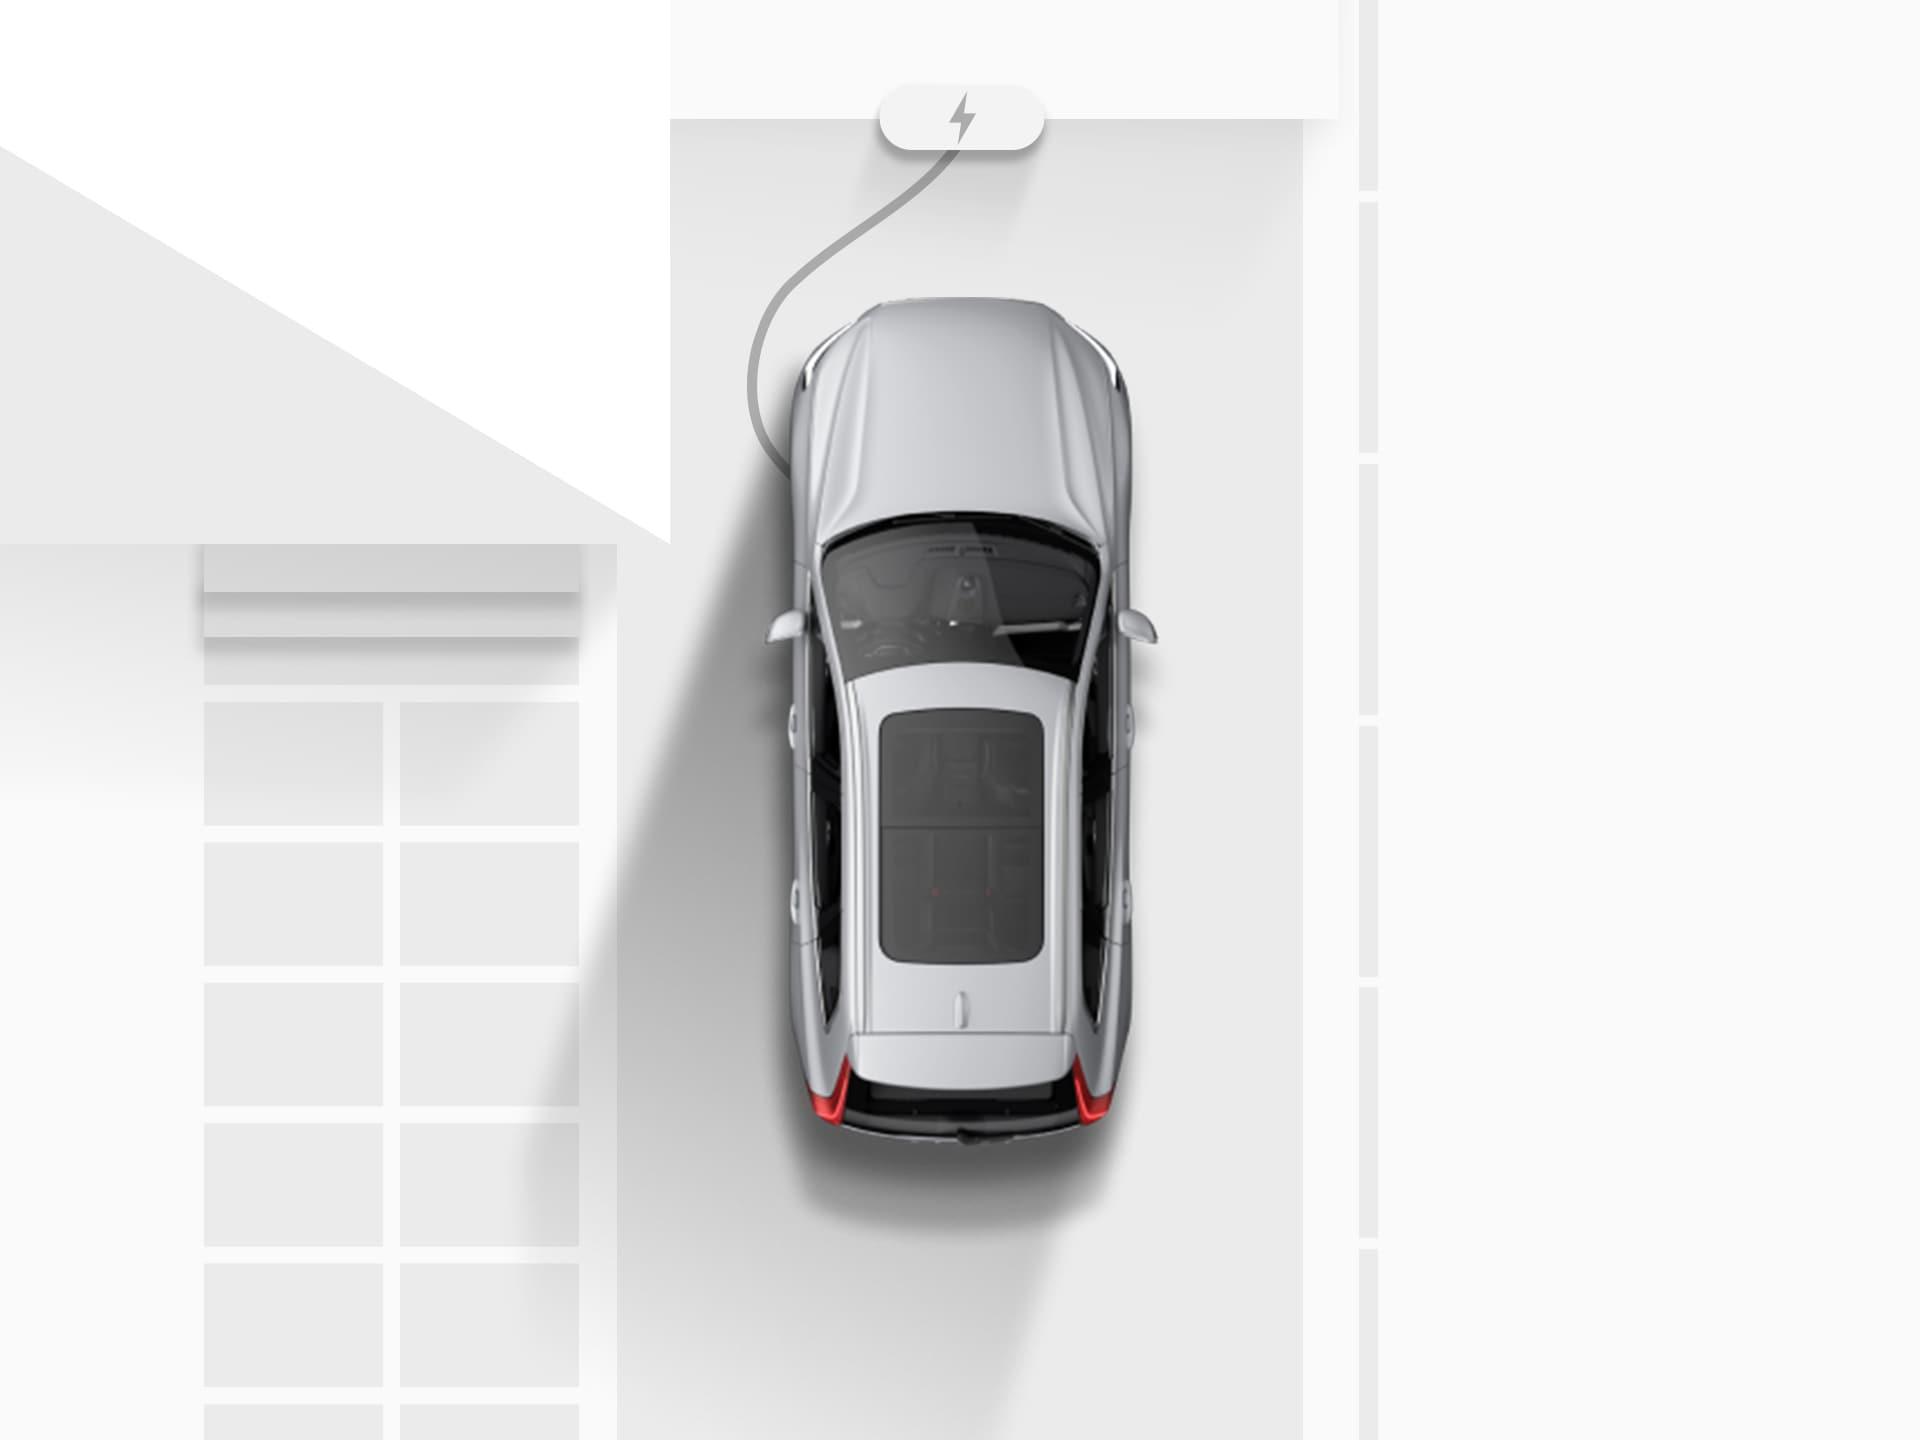 Plano general de un dibujo digital de un SUV Volvo XC40 Recharge totalmente eléctrico plateado enchufado y cargándose en la entrada de una casa.